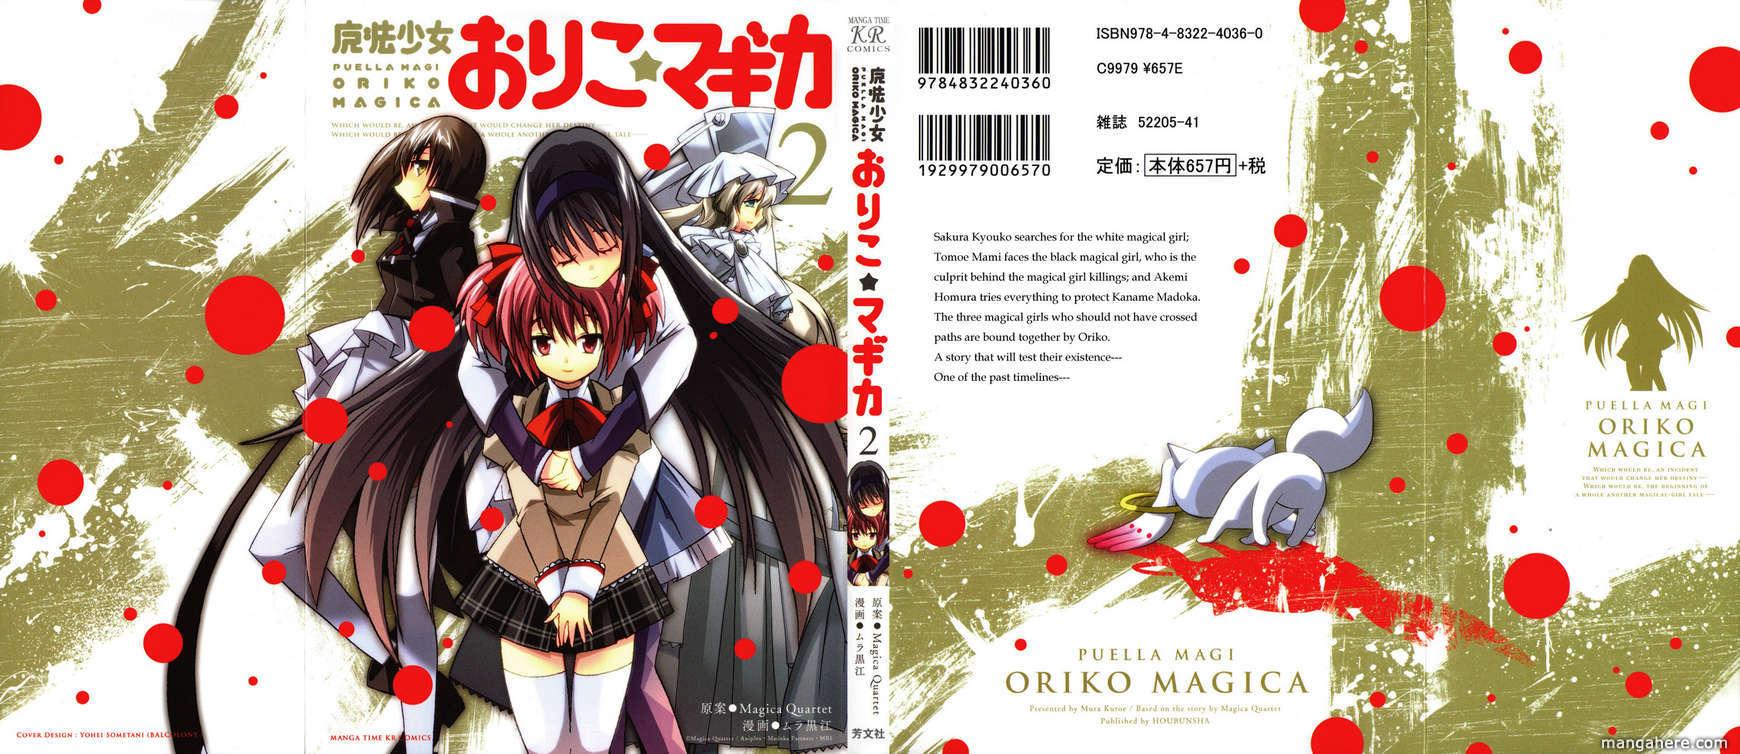 Mahou Shoujo Oriko Magica 4 Page 1